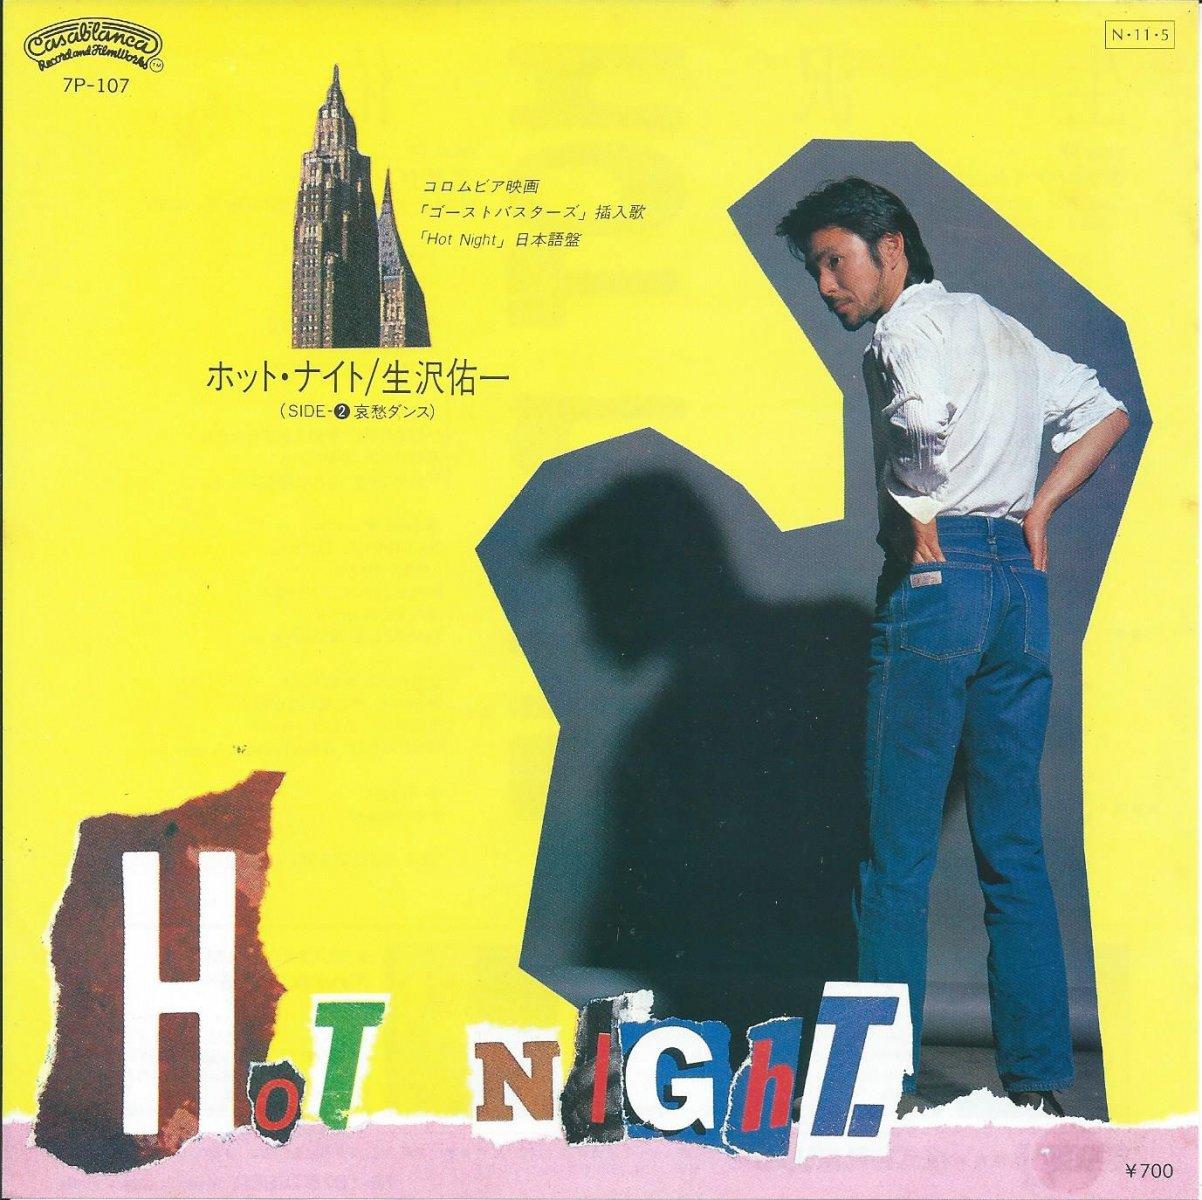 生沢佑一 YUICHI IKUZAWA / ホット・ナイト HOT NIGHT / 哀愁ダンス (7